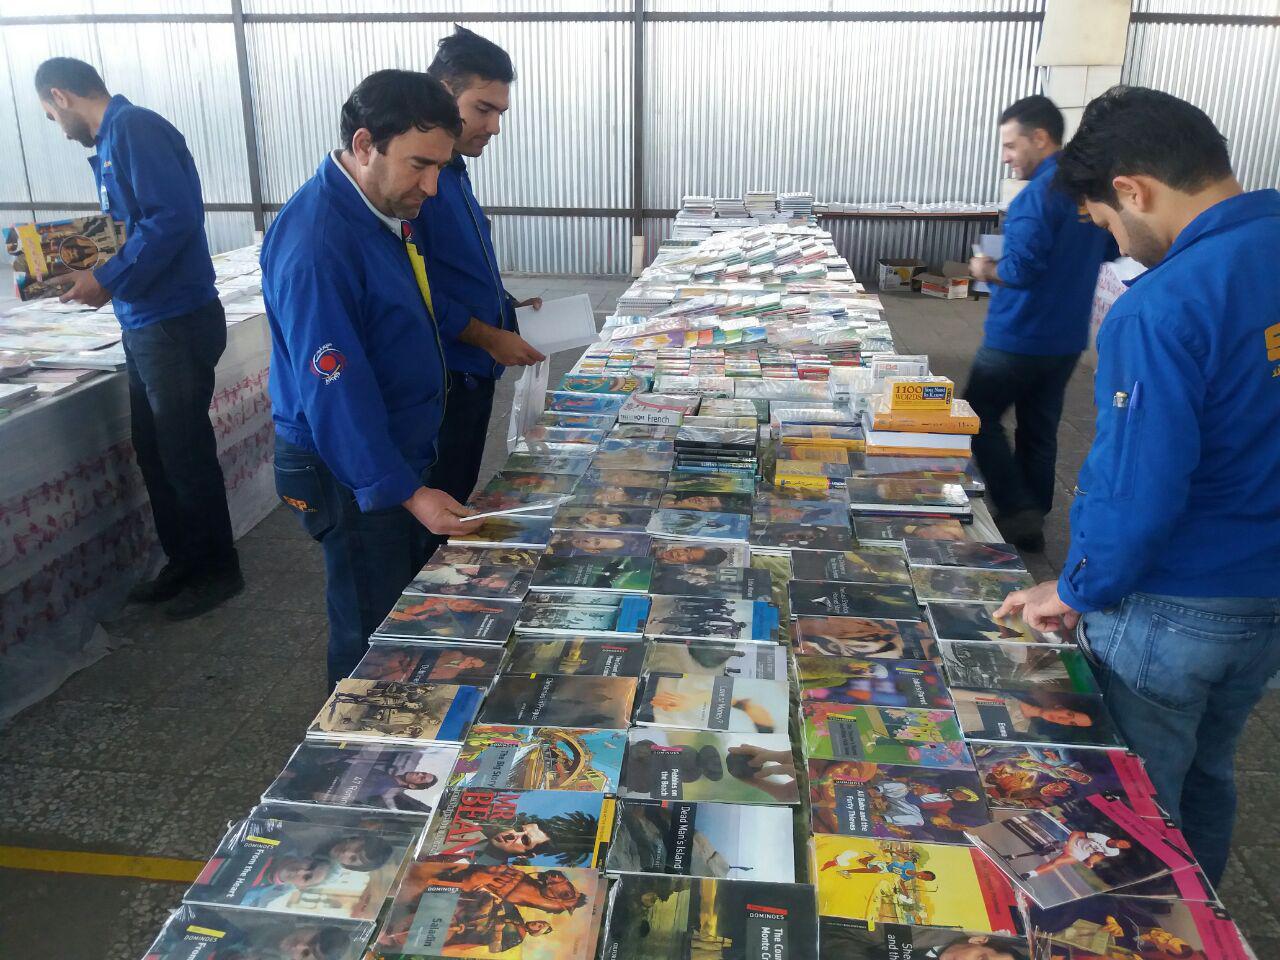 نمایشگاه کتاب به مناسبت دهه فجر